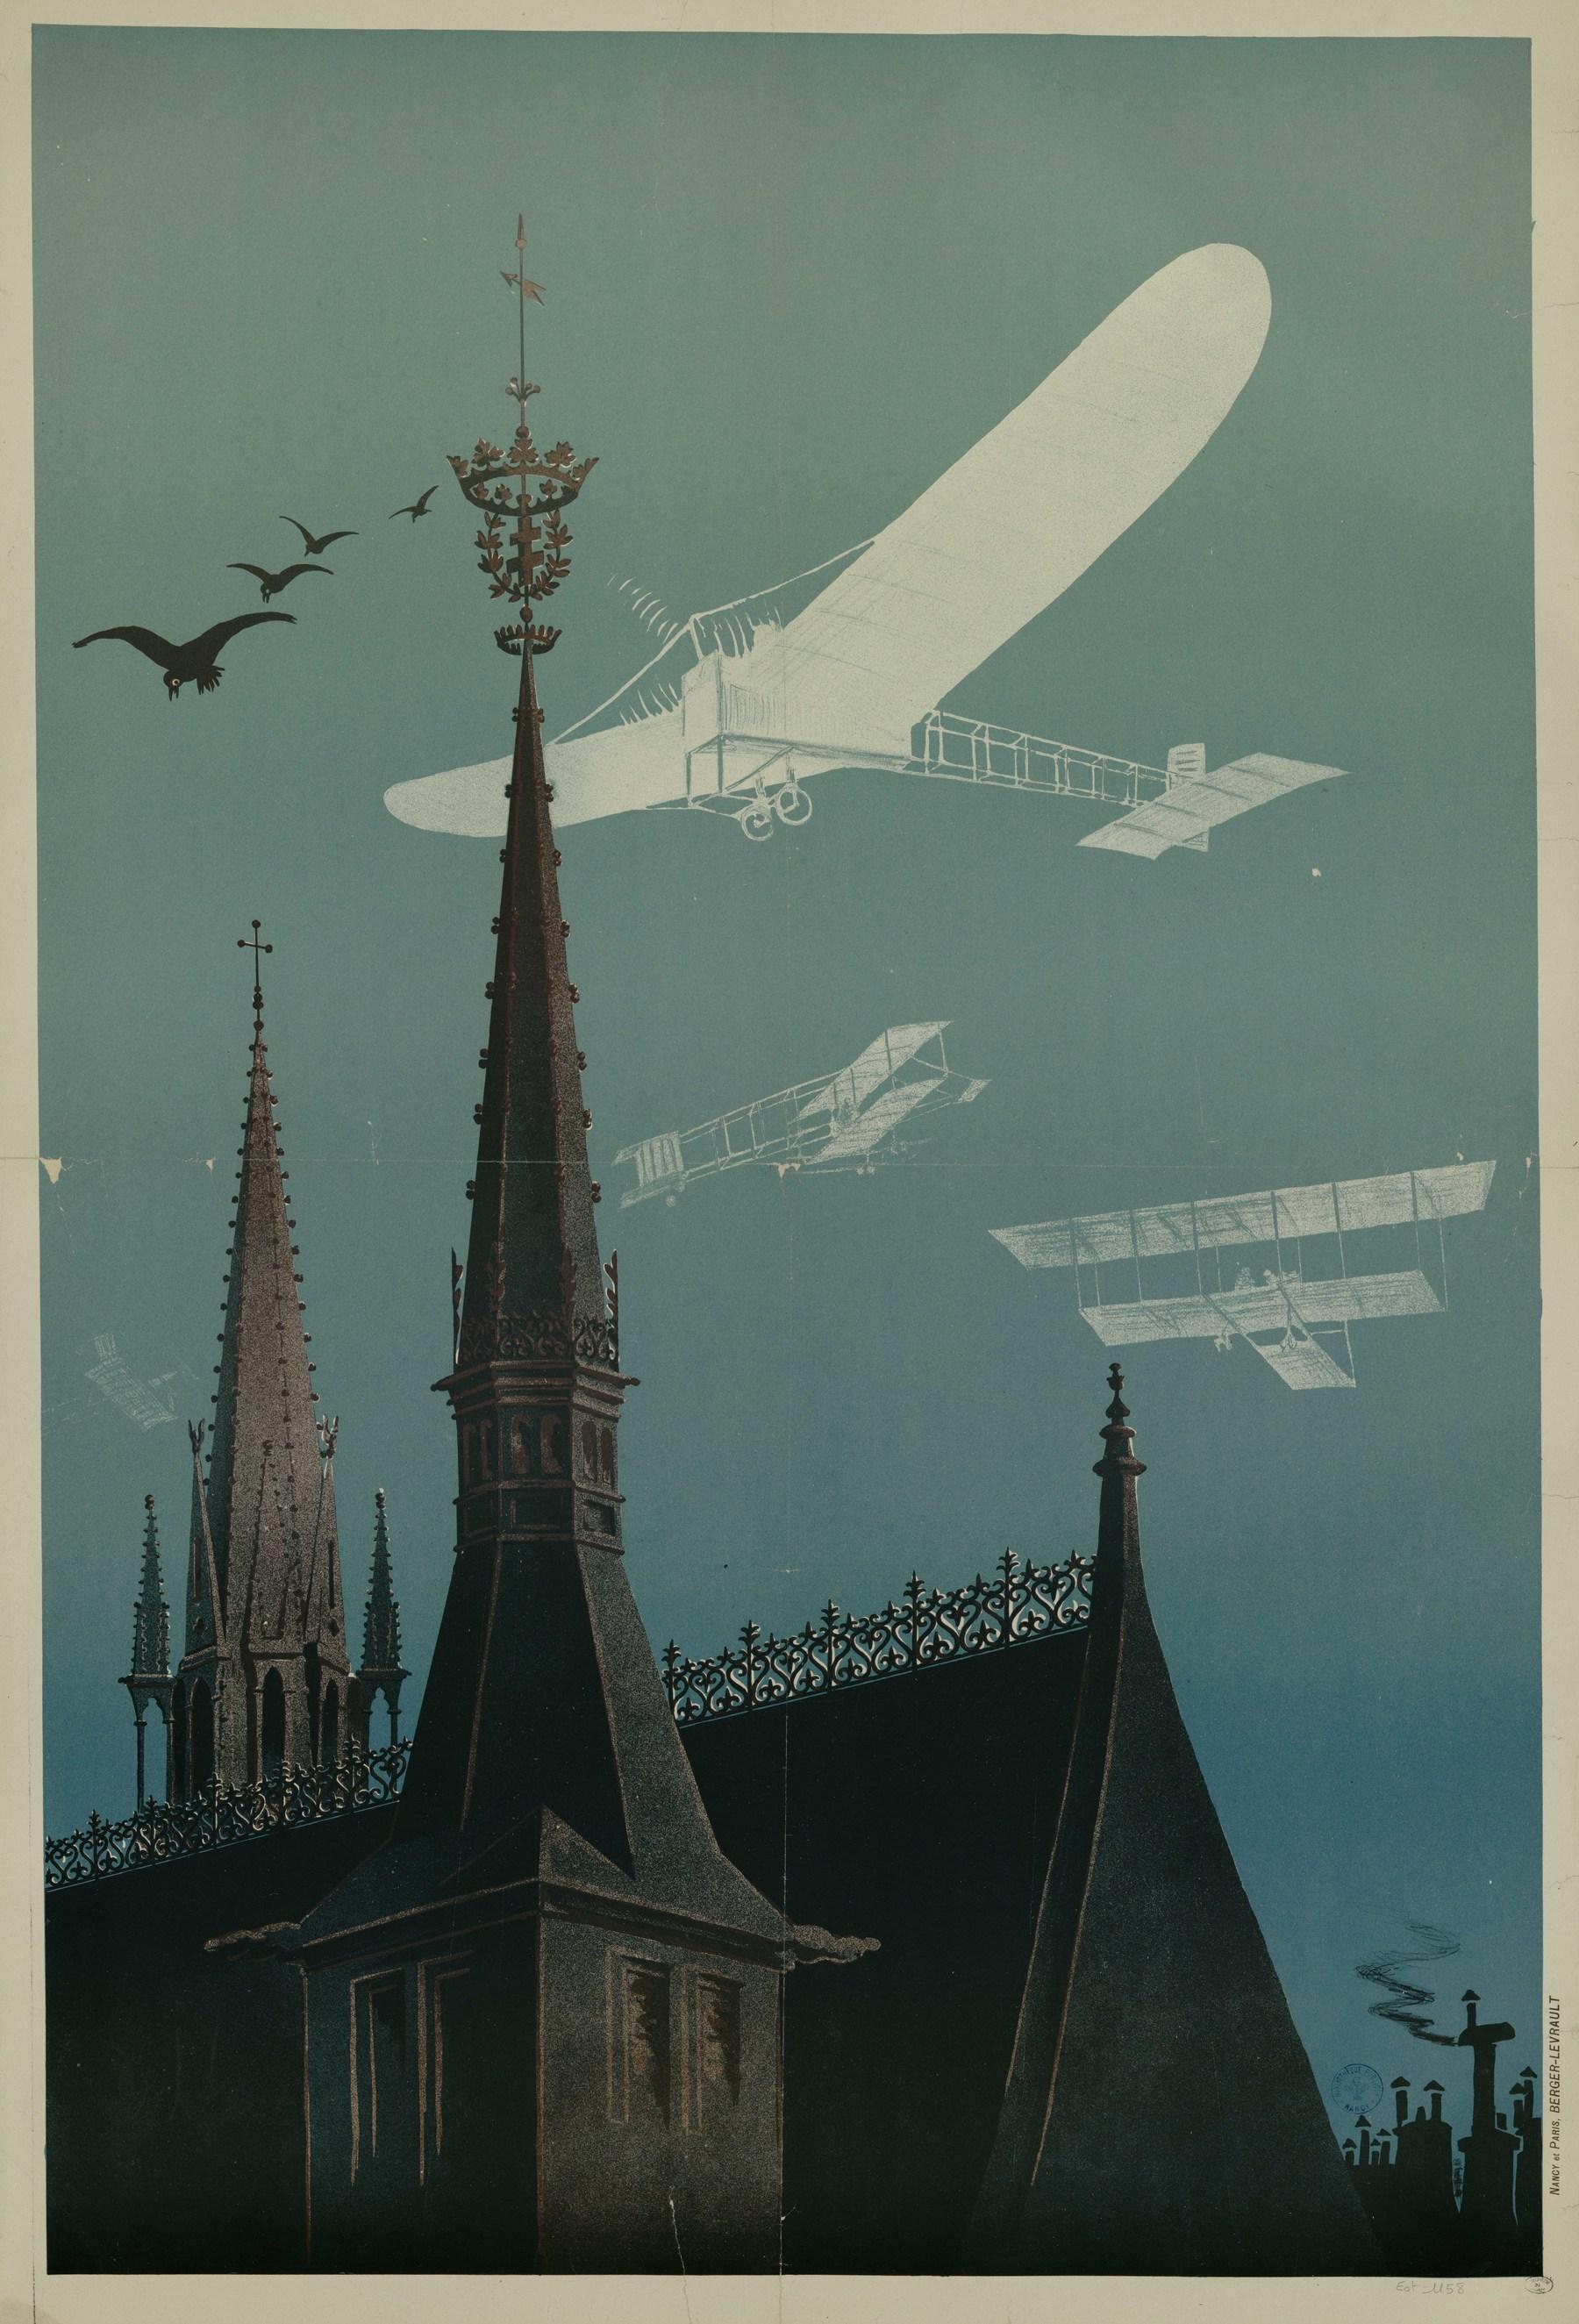 Contenu du [Vol d'avions au dessus du Palais Ducal et de l'Eglise Saint-Epvre]